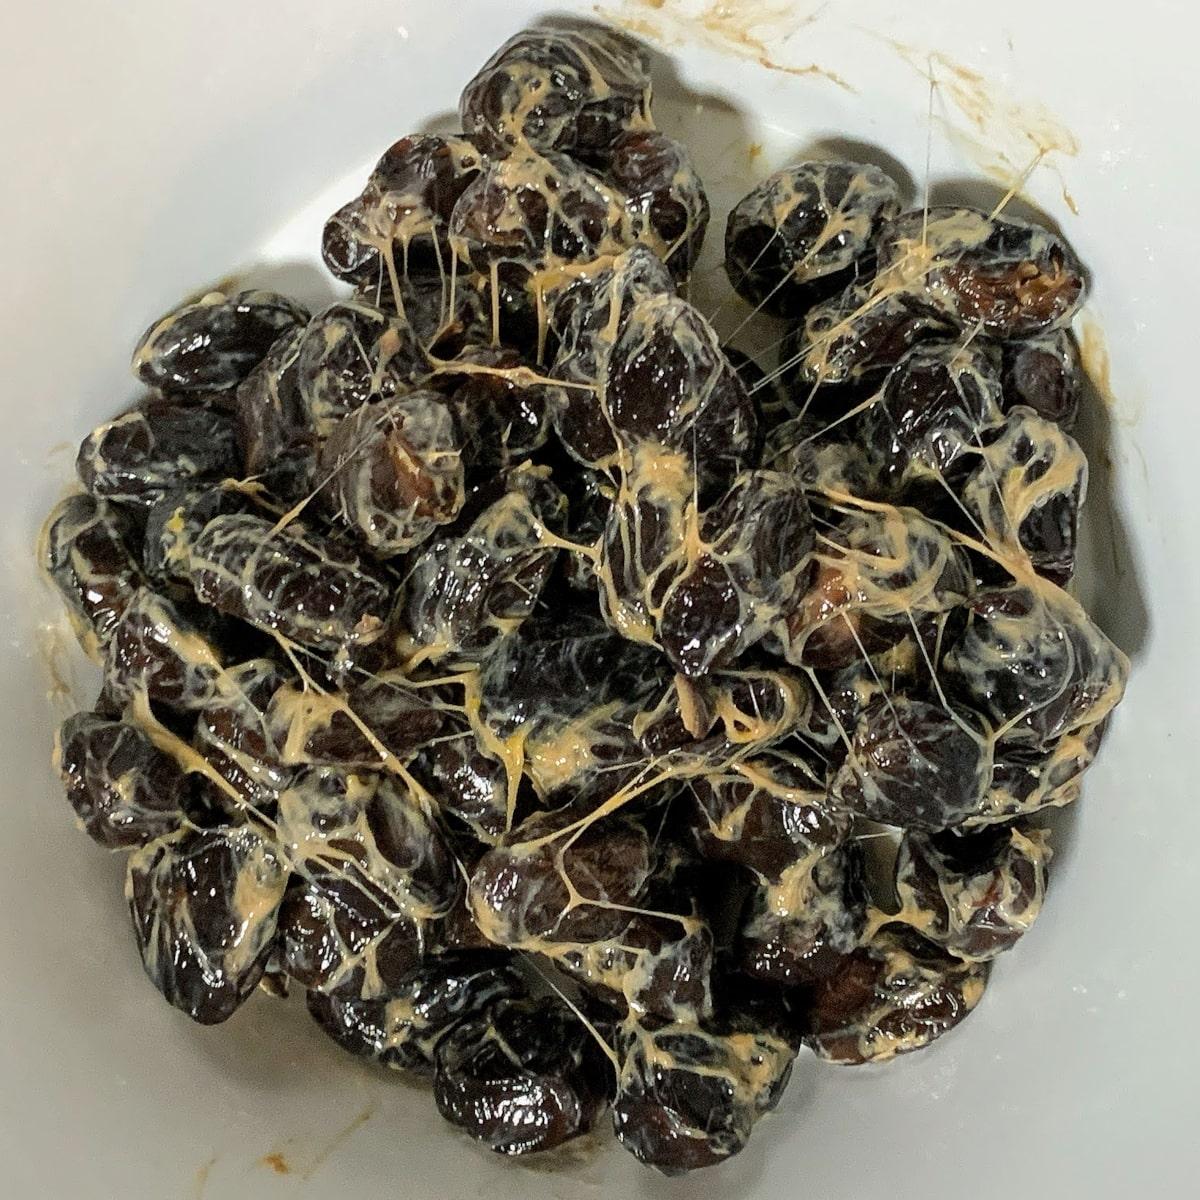 山口食品「黒豆納豆」の納豆の画像